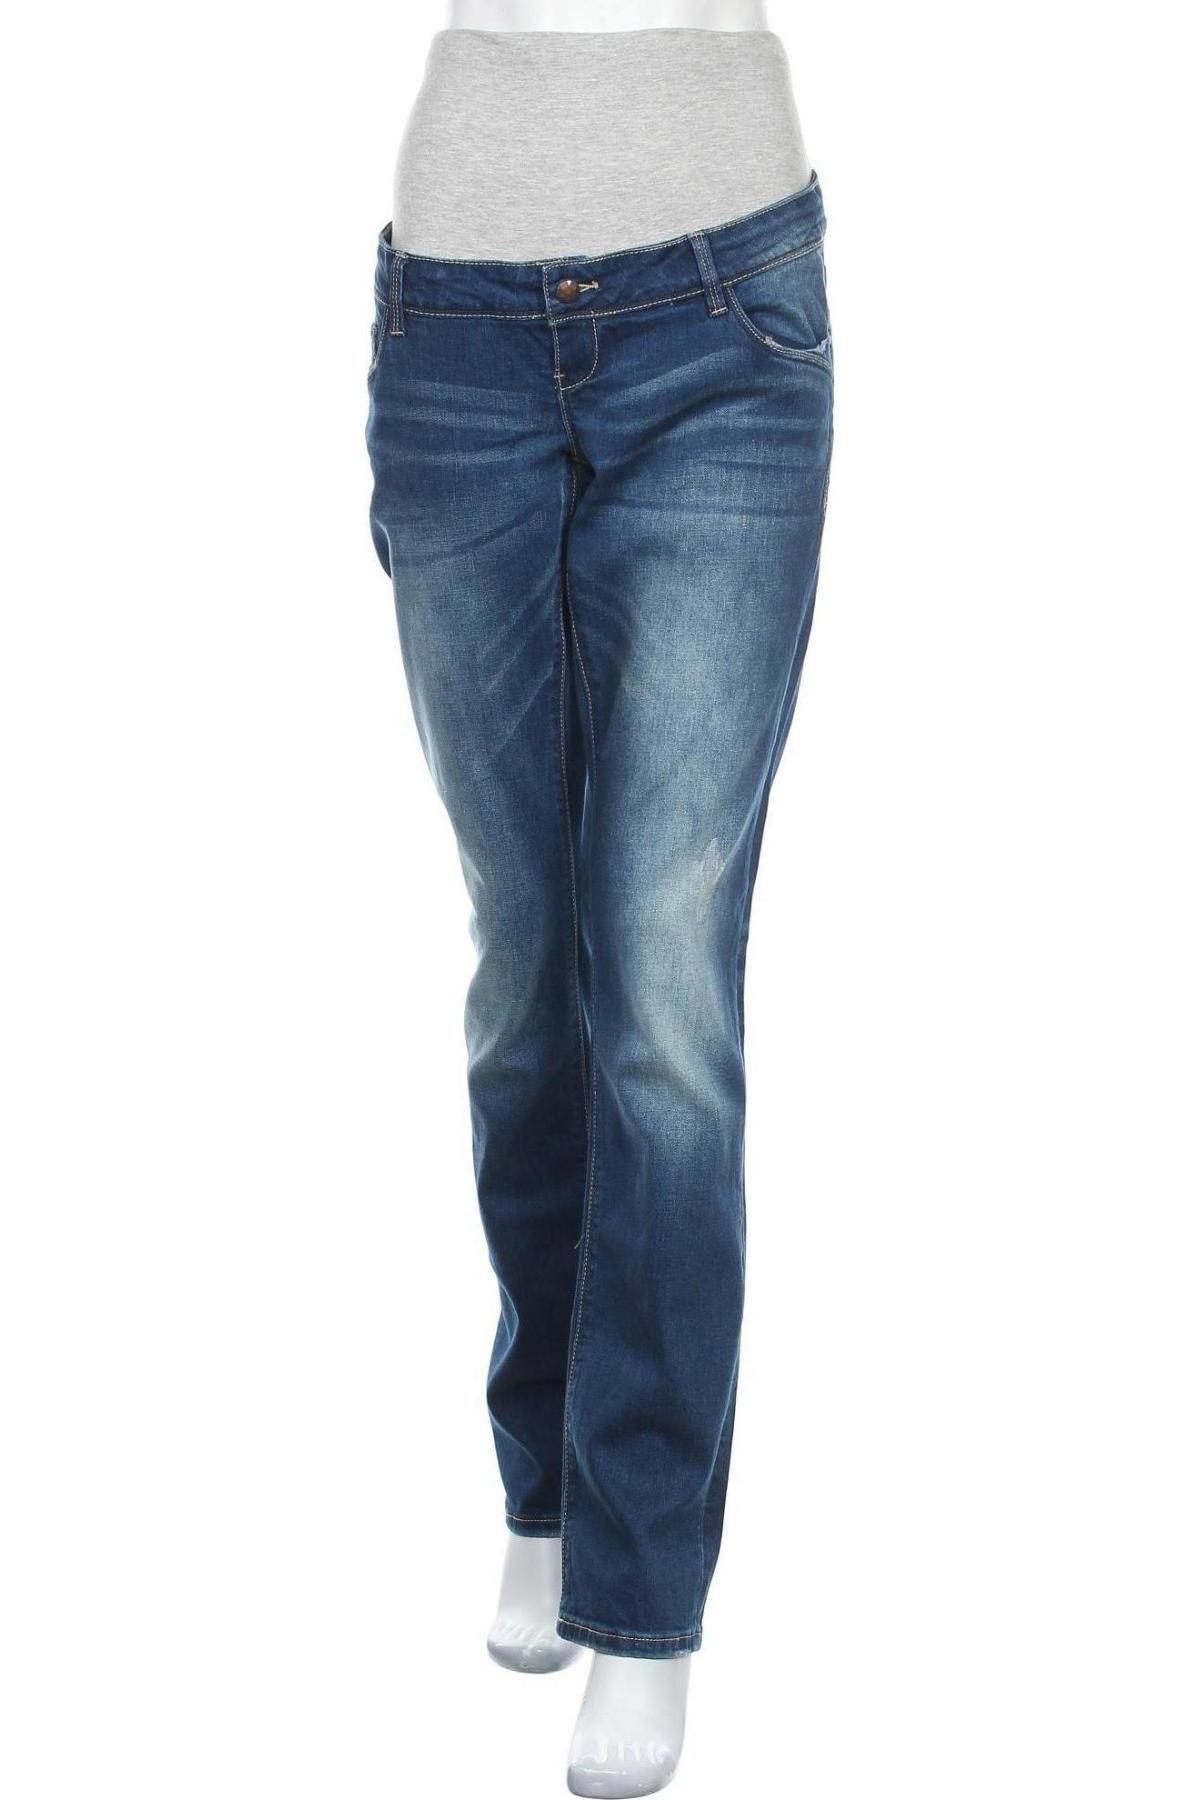 Дънки за бременни Mamalicious, Размер XL, Цвят Син, 99% памук, 1% еластан, Цена 41,56лв.